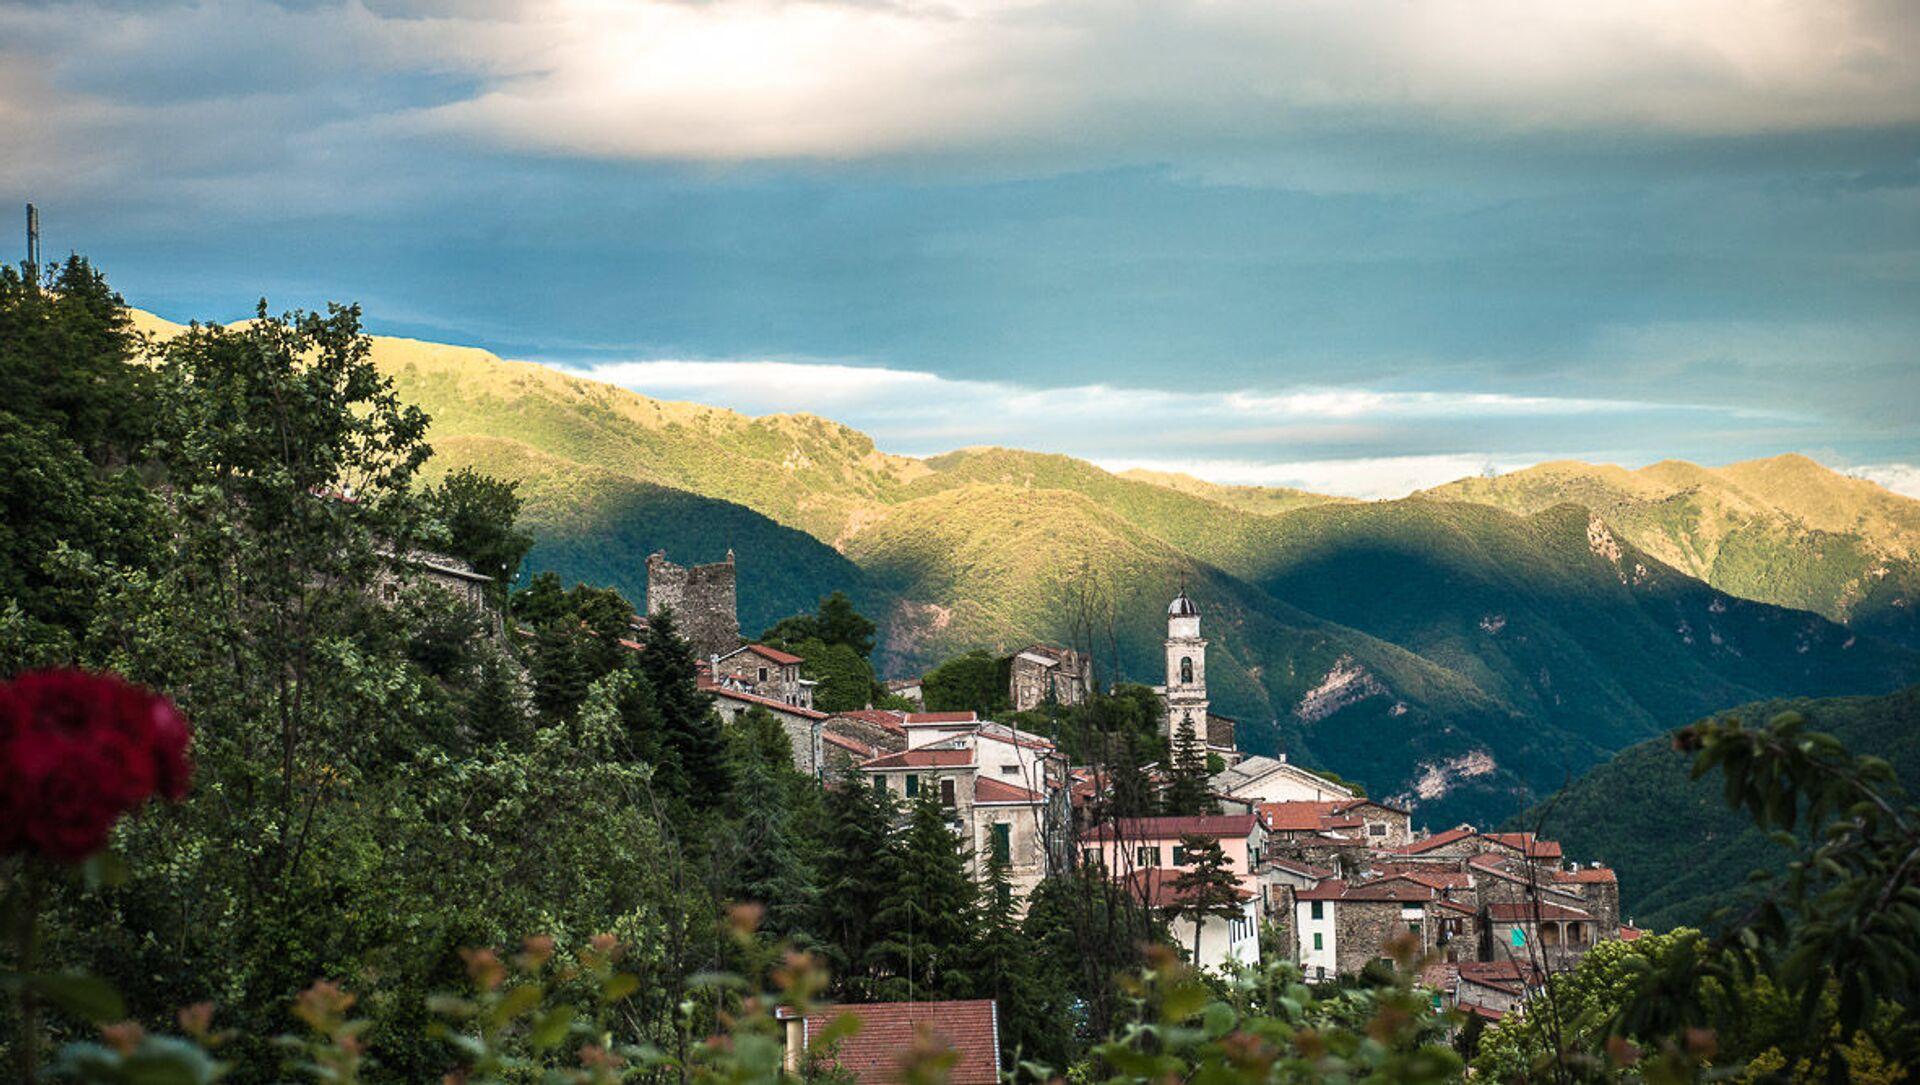 Triora, comune in provincia di Imperia - Sputnik Italia, 1920, 24.03.2021